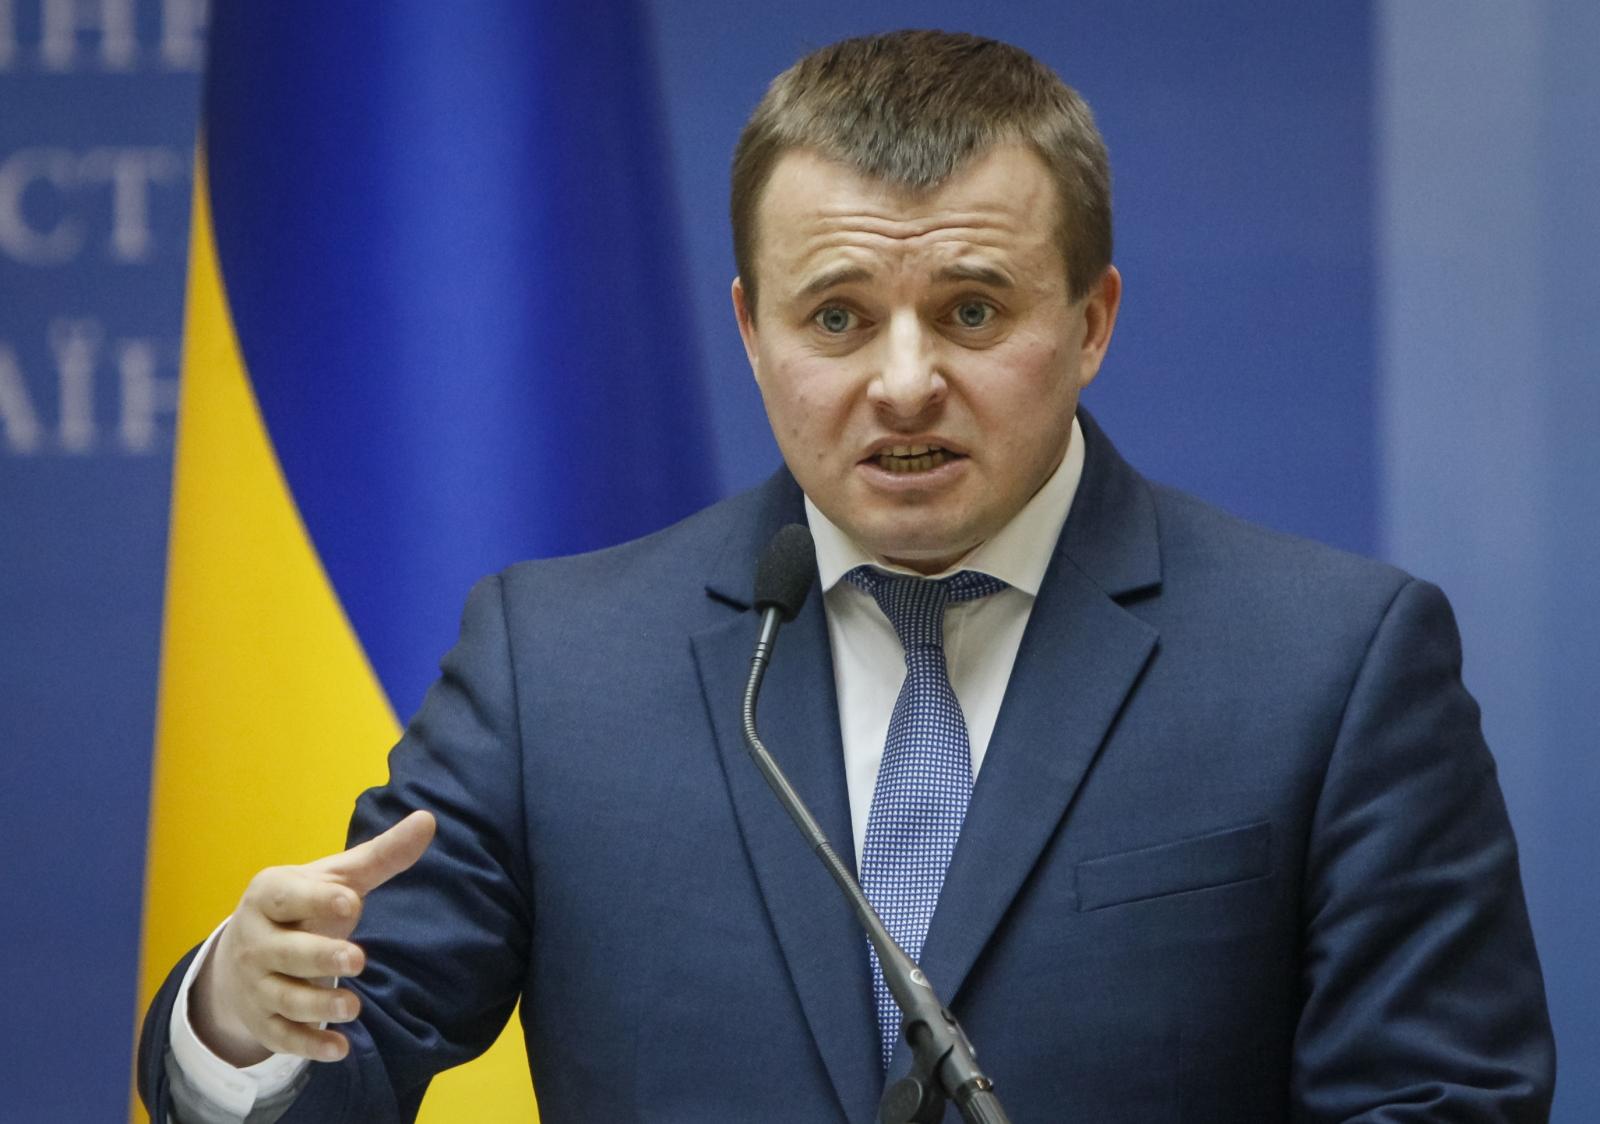 Volodymyr Demchyshyn